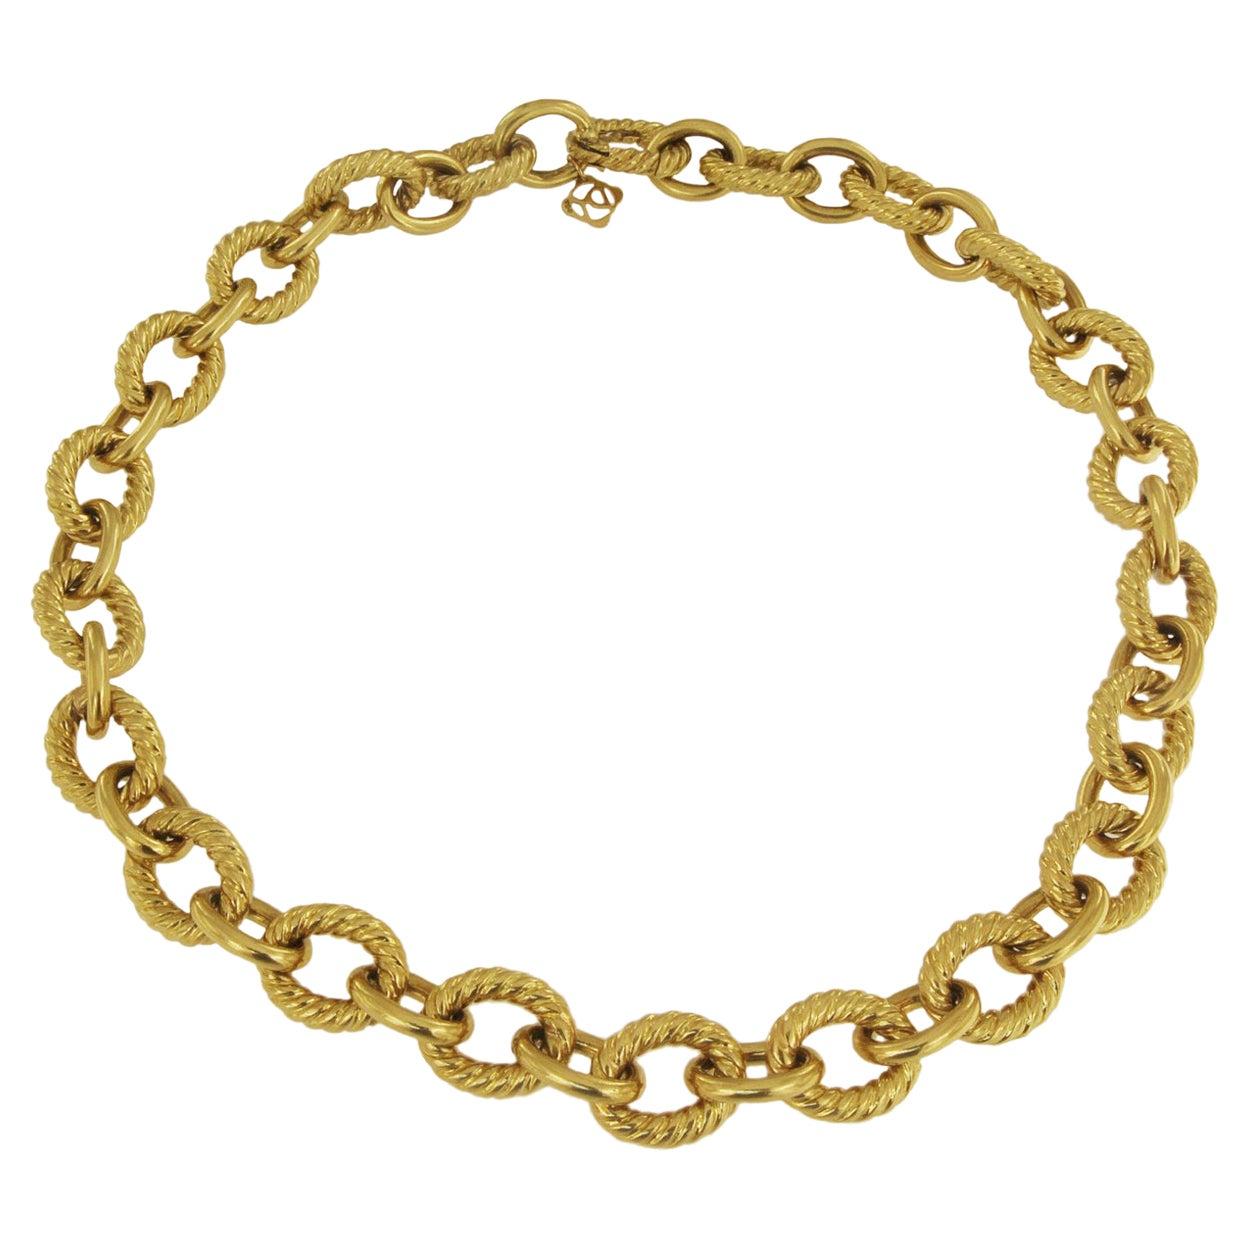 David Yurman Oval Link Chain Choker in 18k Gold